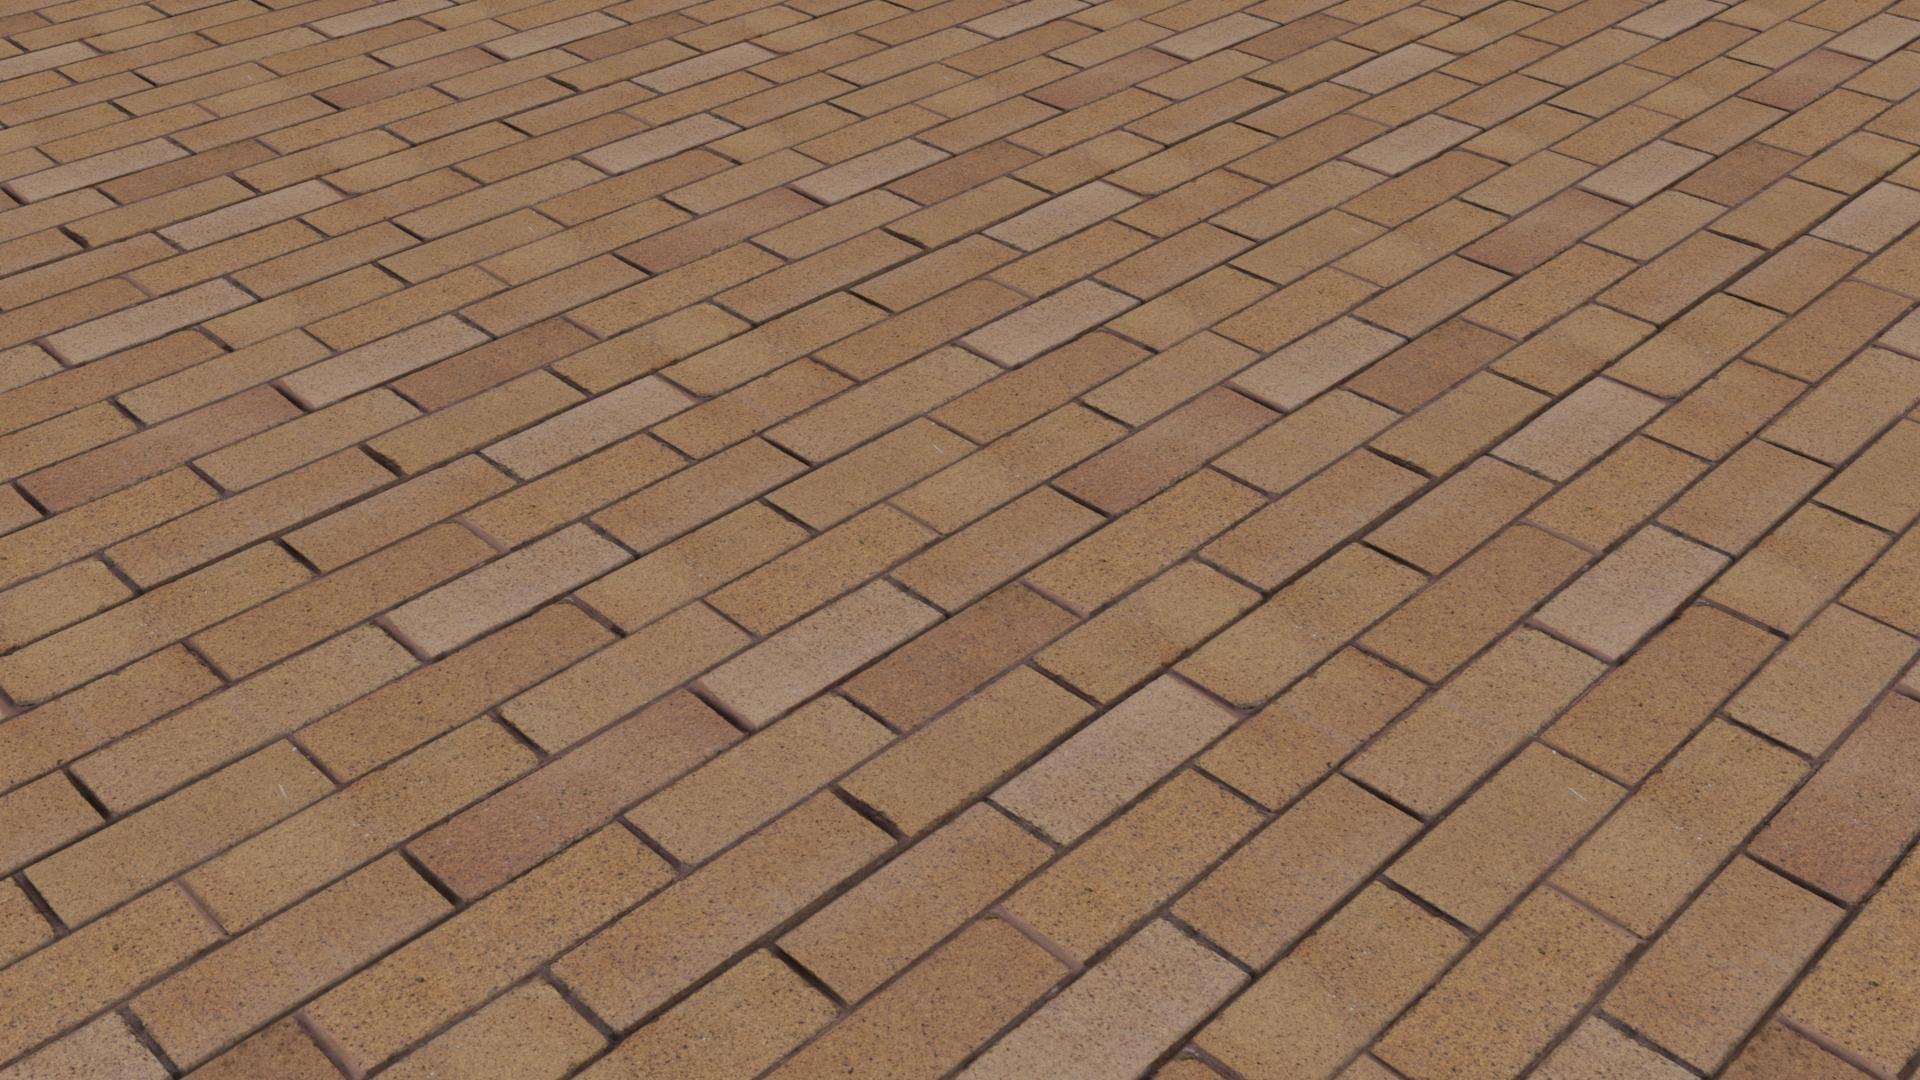 Bricks New Red F Flat